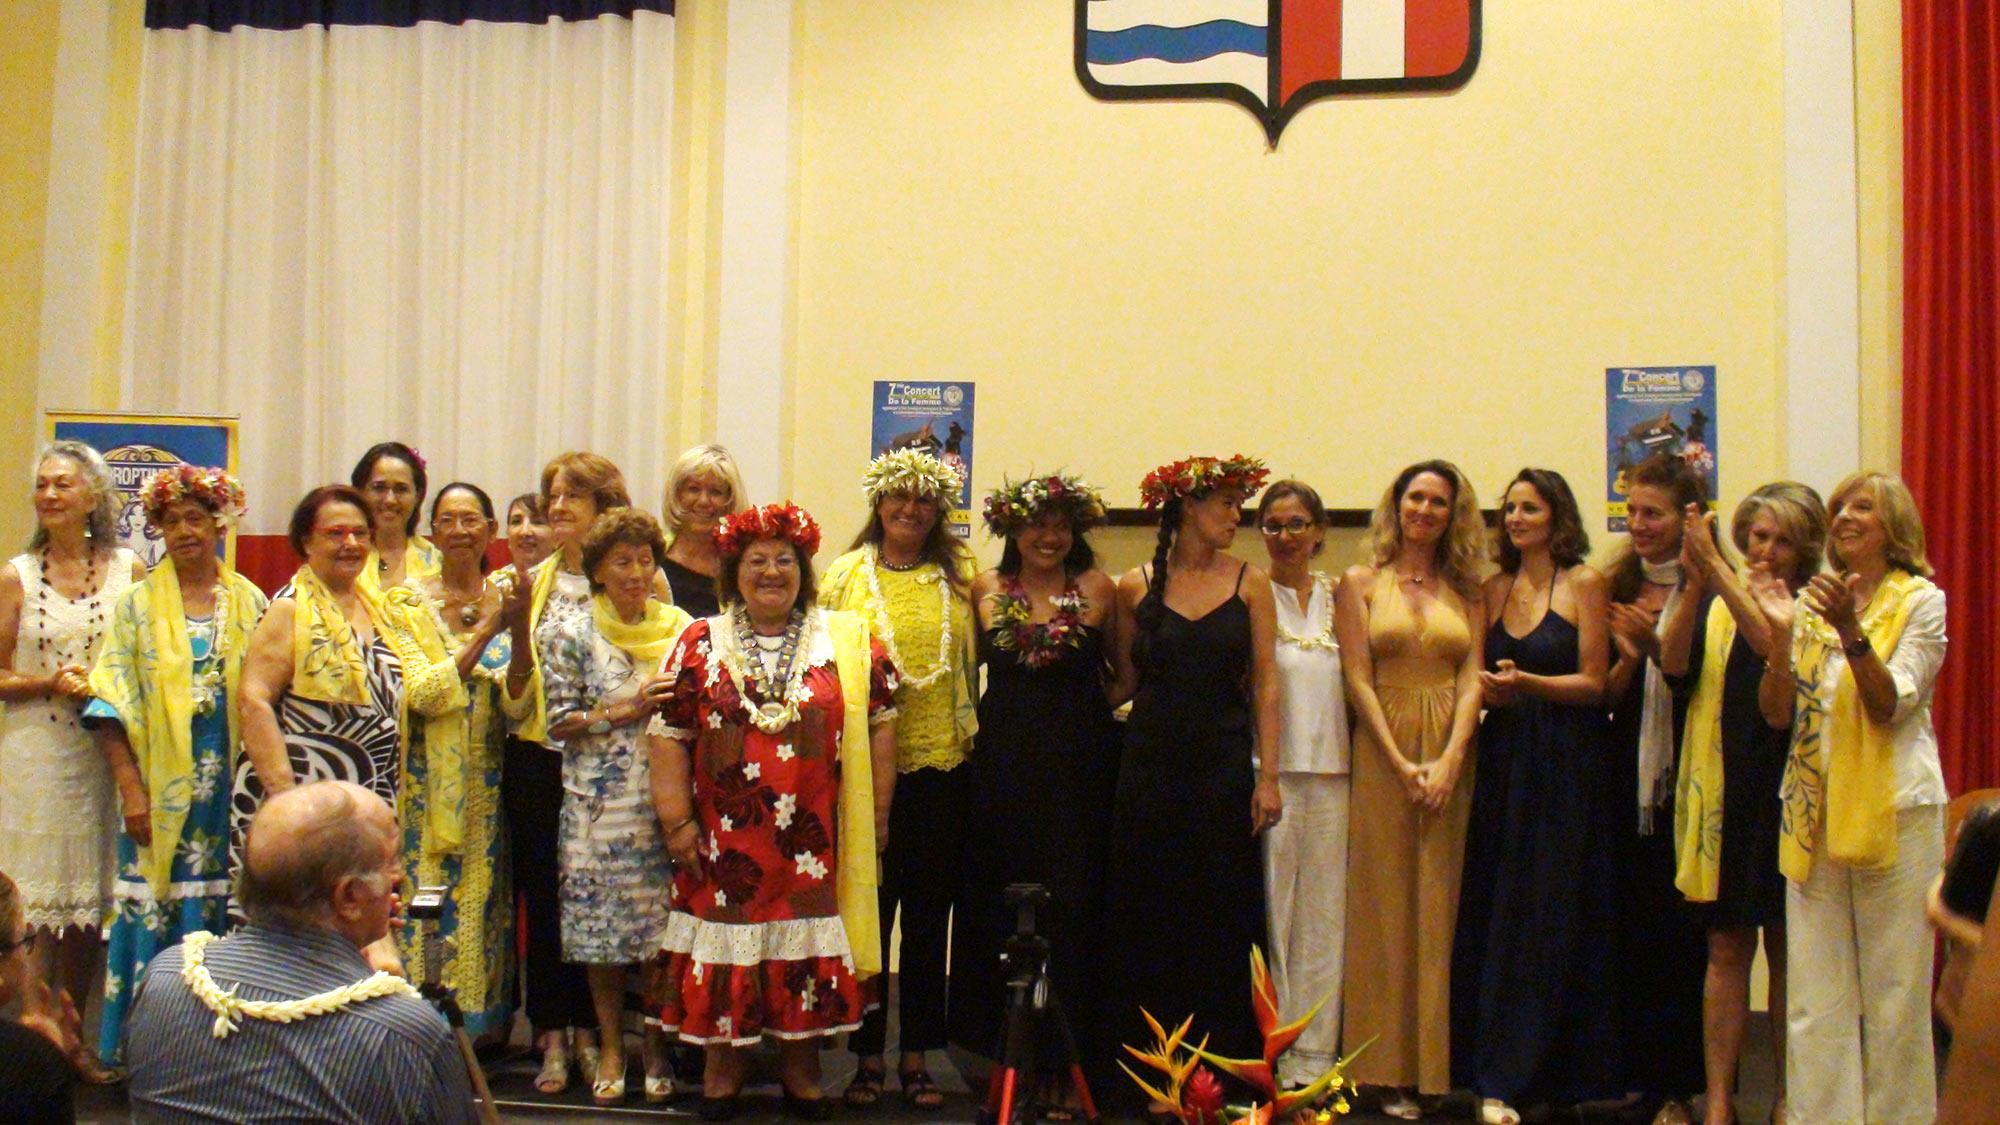 Le concert de la femme a lieu tous les ans, organisé par les membres du Soroptimist international en partenariat avec le Conservatoire artistique de Polynésie française, ici lors du 7e concert de la femme.